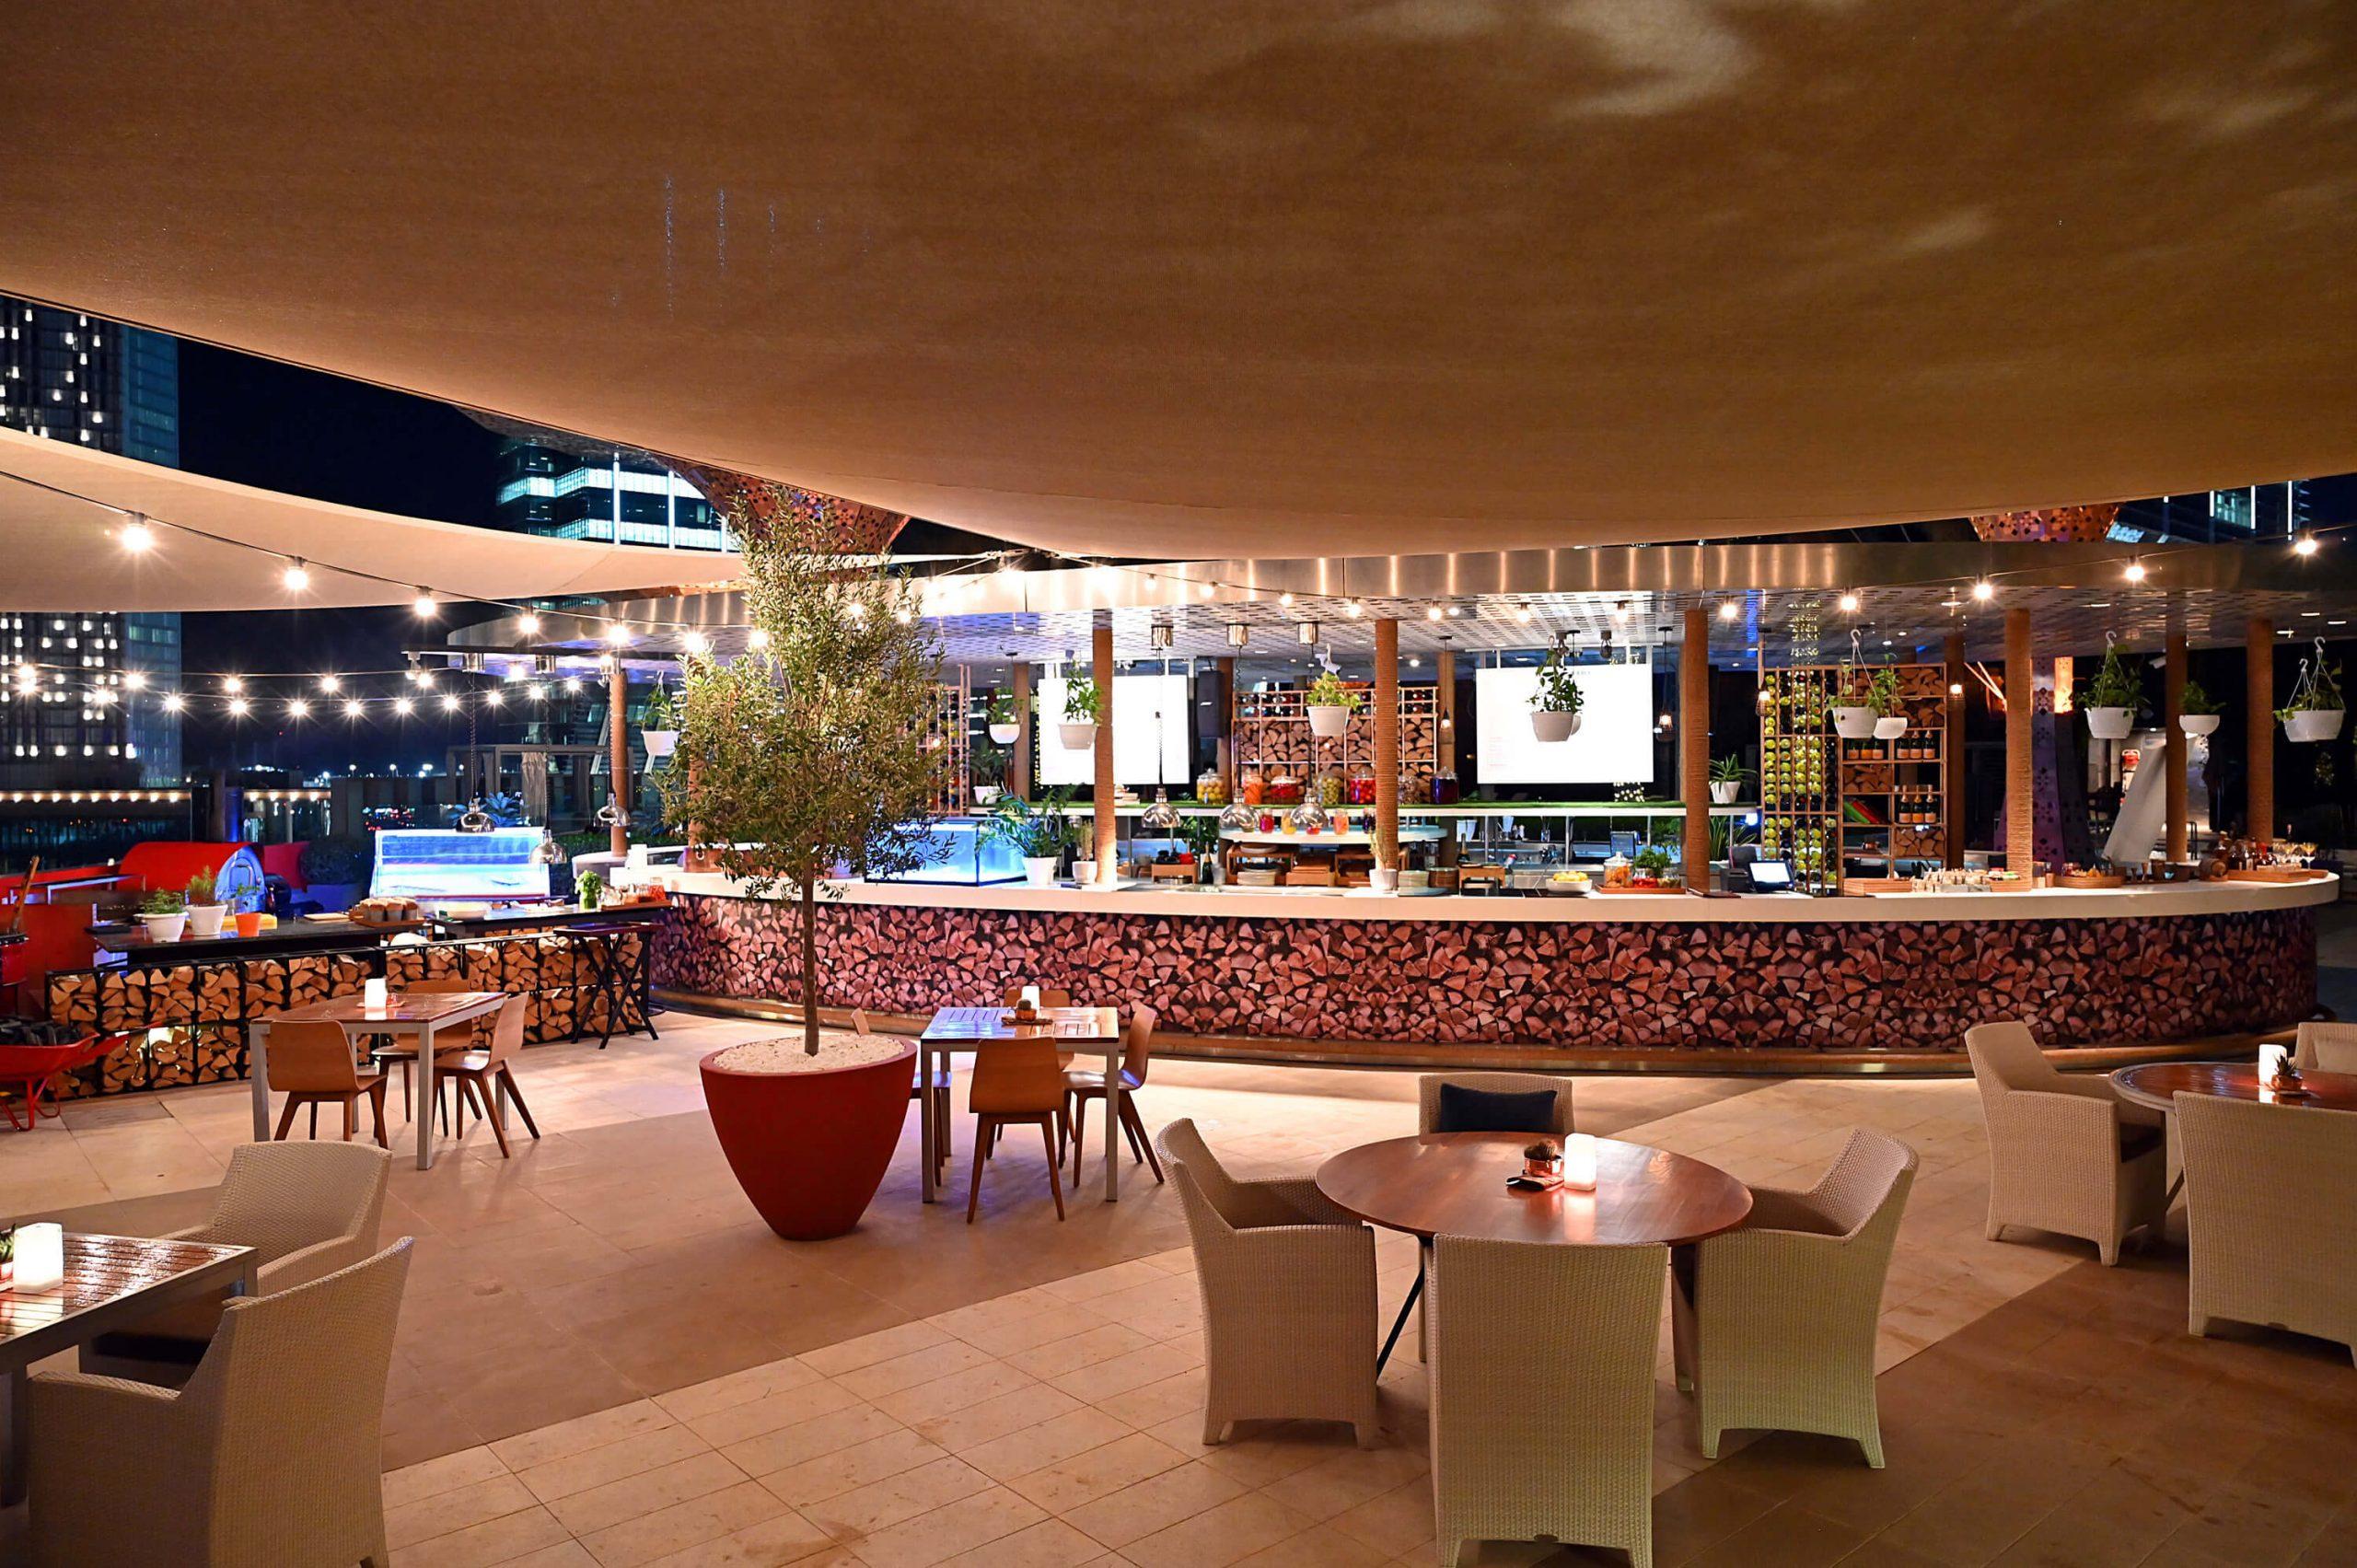 """بداية متألقة للموسم الشتوي في روزوود أبوظبي مع انطلاق أمسيات الشواء """"وود آند فاير"""" بمطعم غلو"""